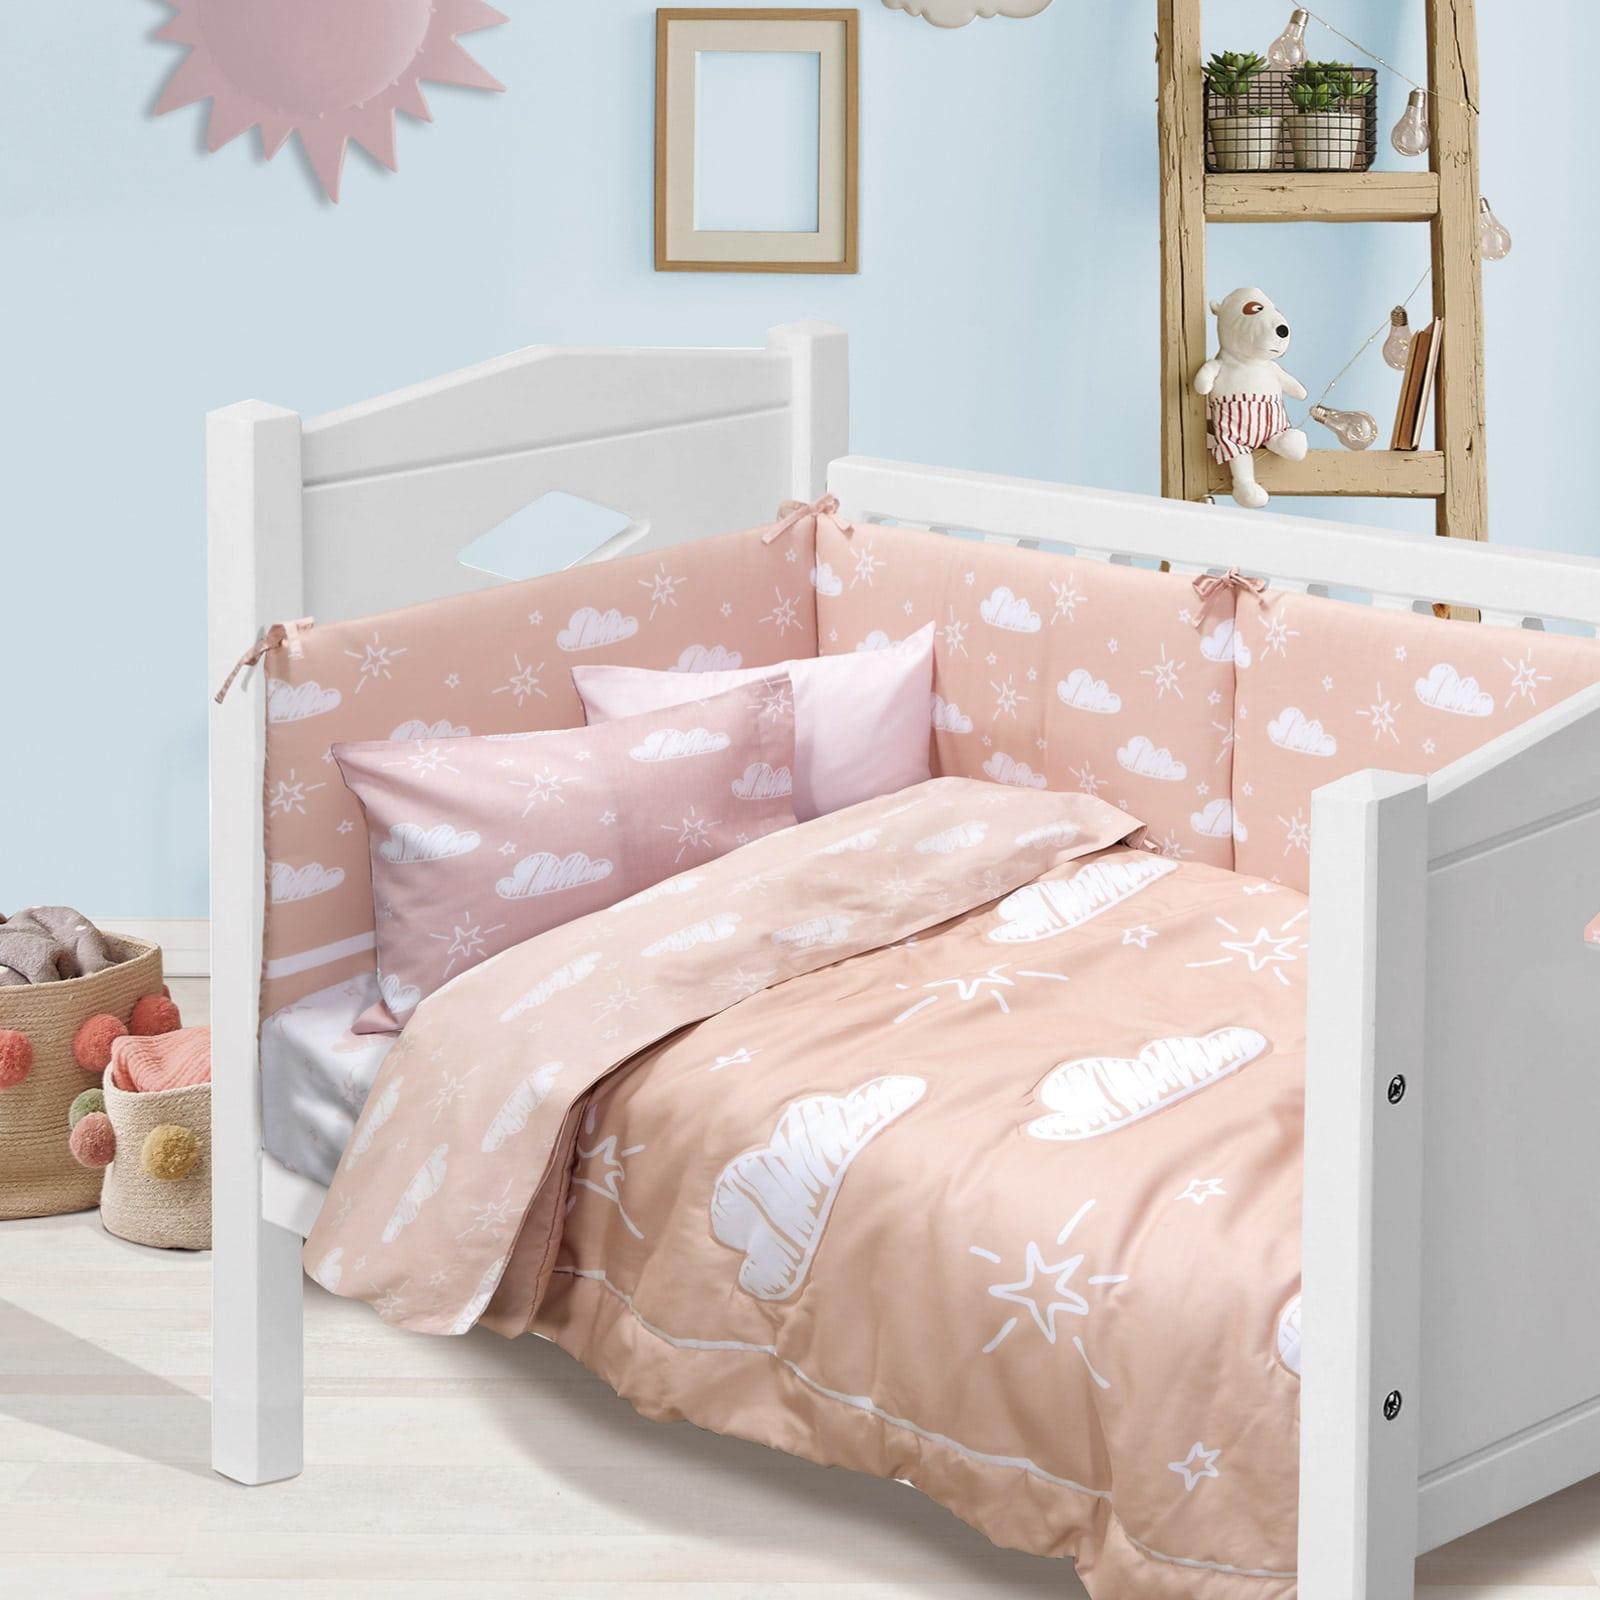 Κουβερλί Βρεφικό 4746 Baby Fun Digital Somon-White Das Home 110x150cm